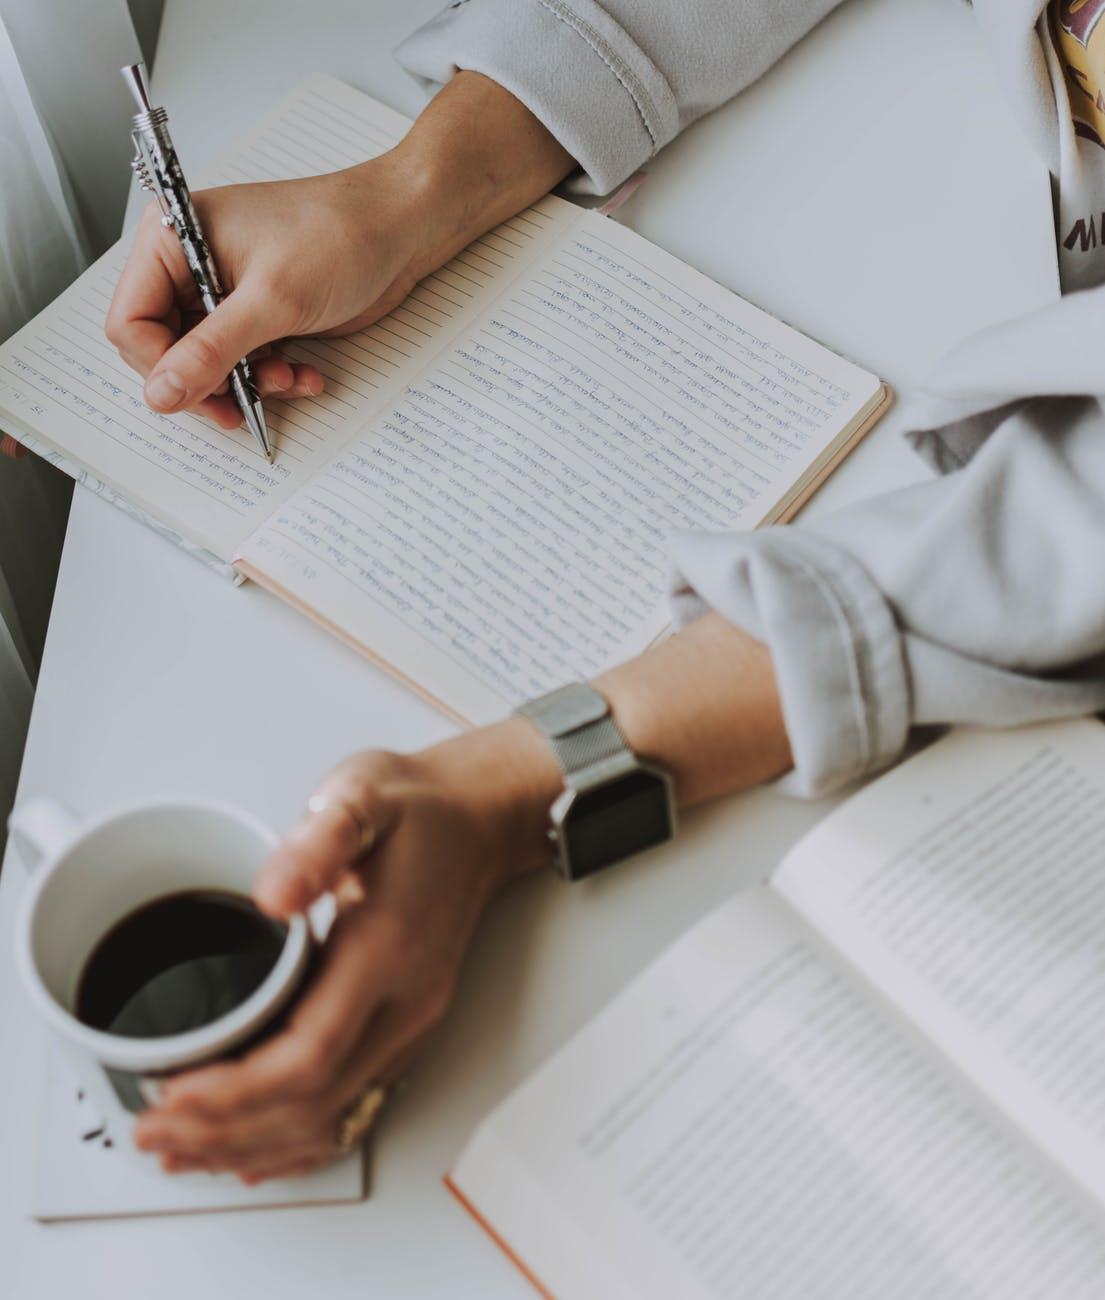 Schreiben auf Papier, Kaffee in der Hand